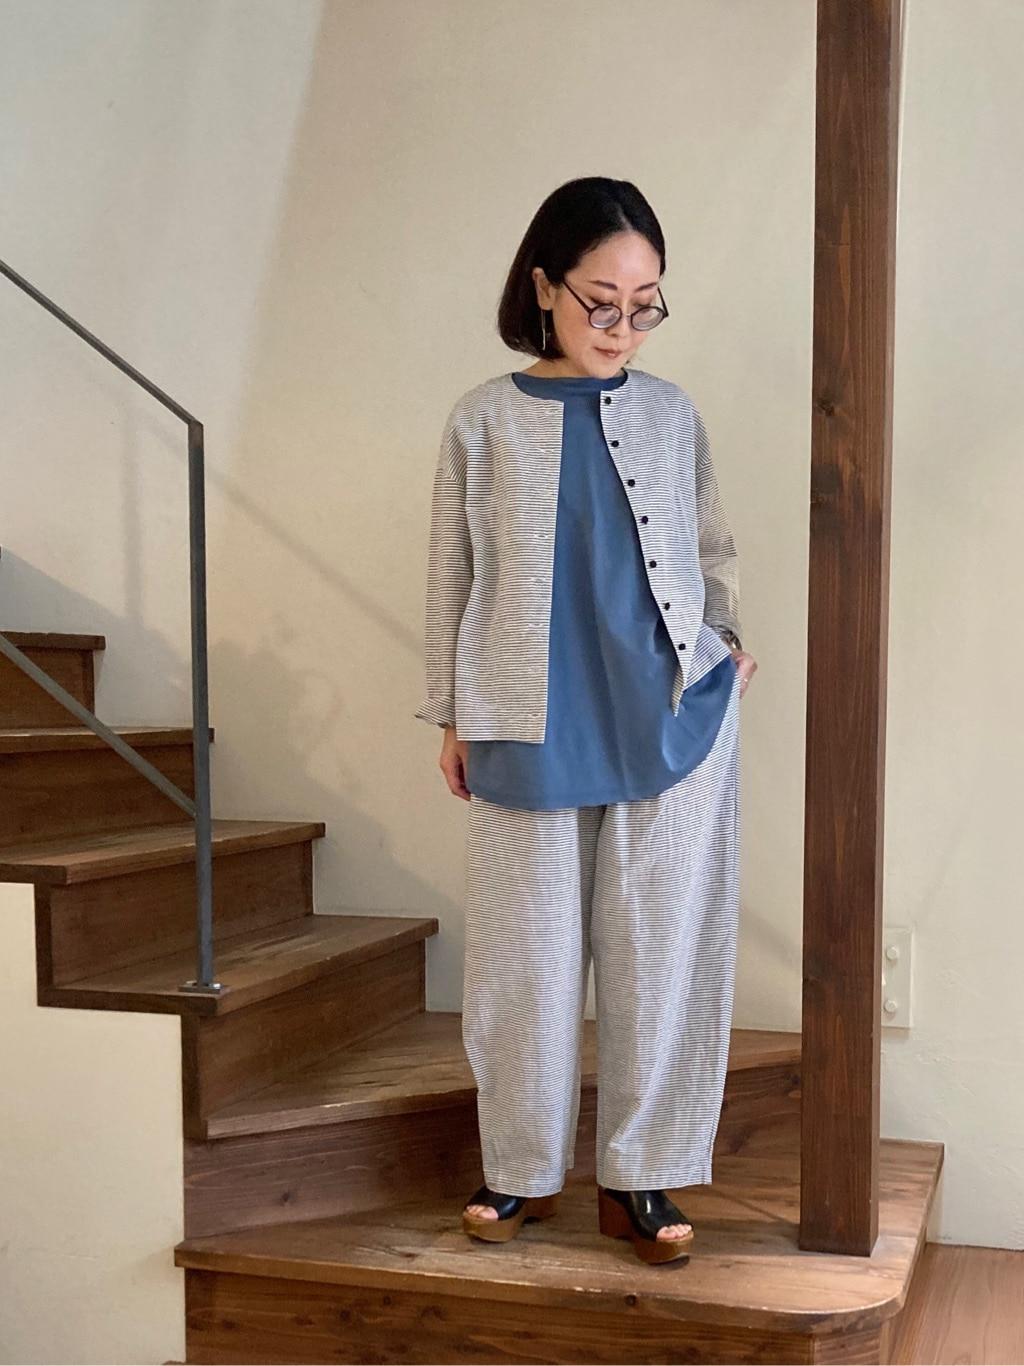 yuni 京都路面 身長:152cm 2021.05.19